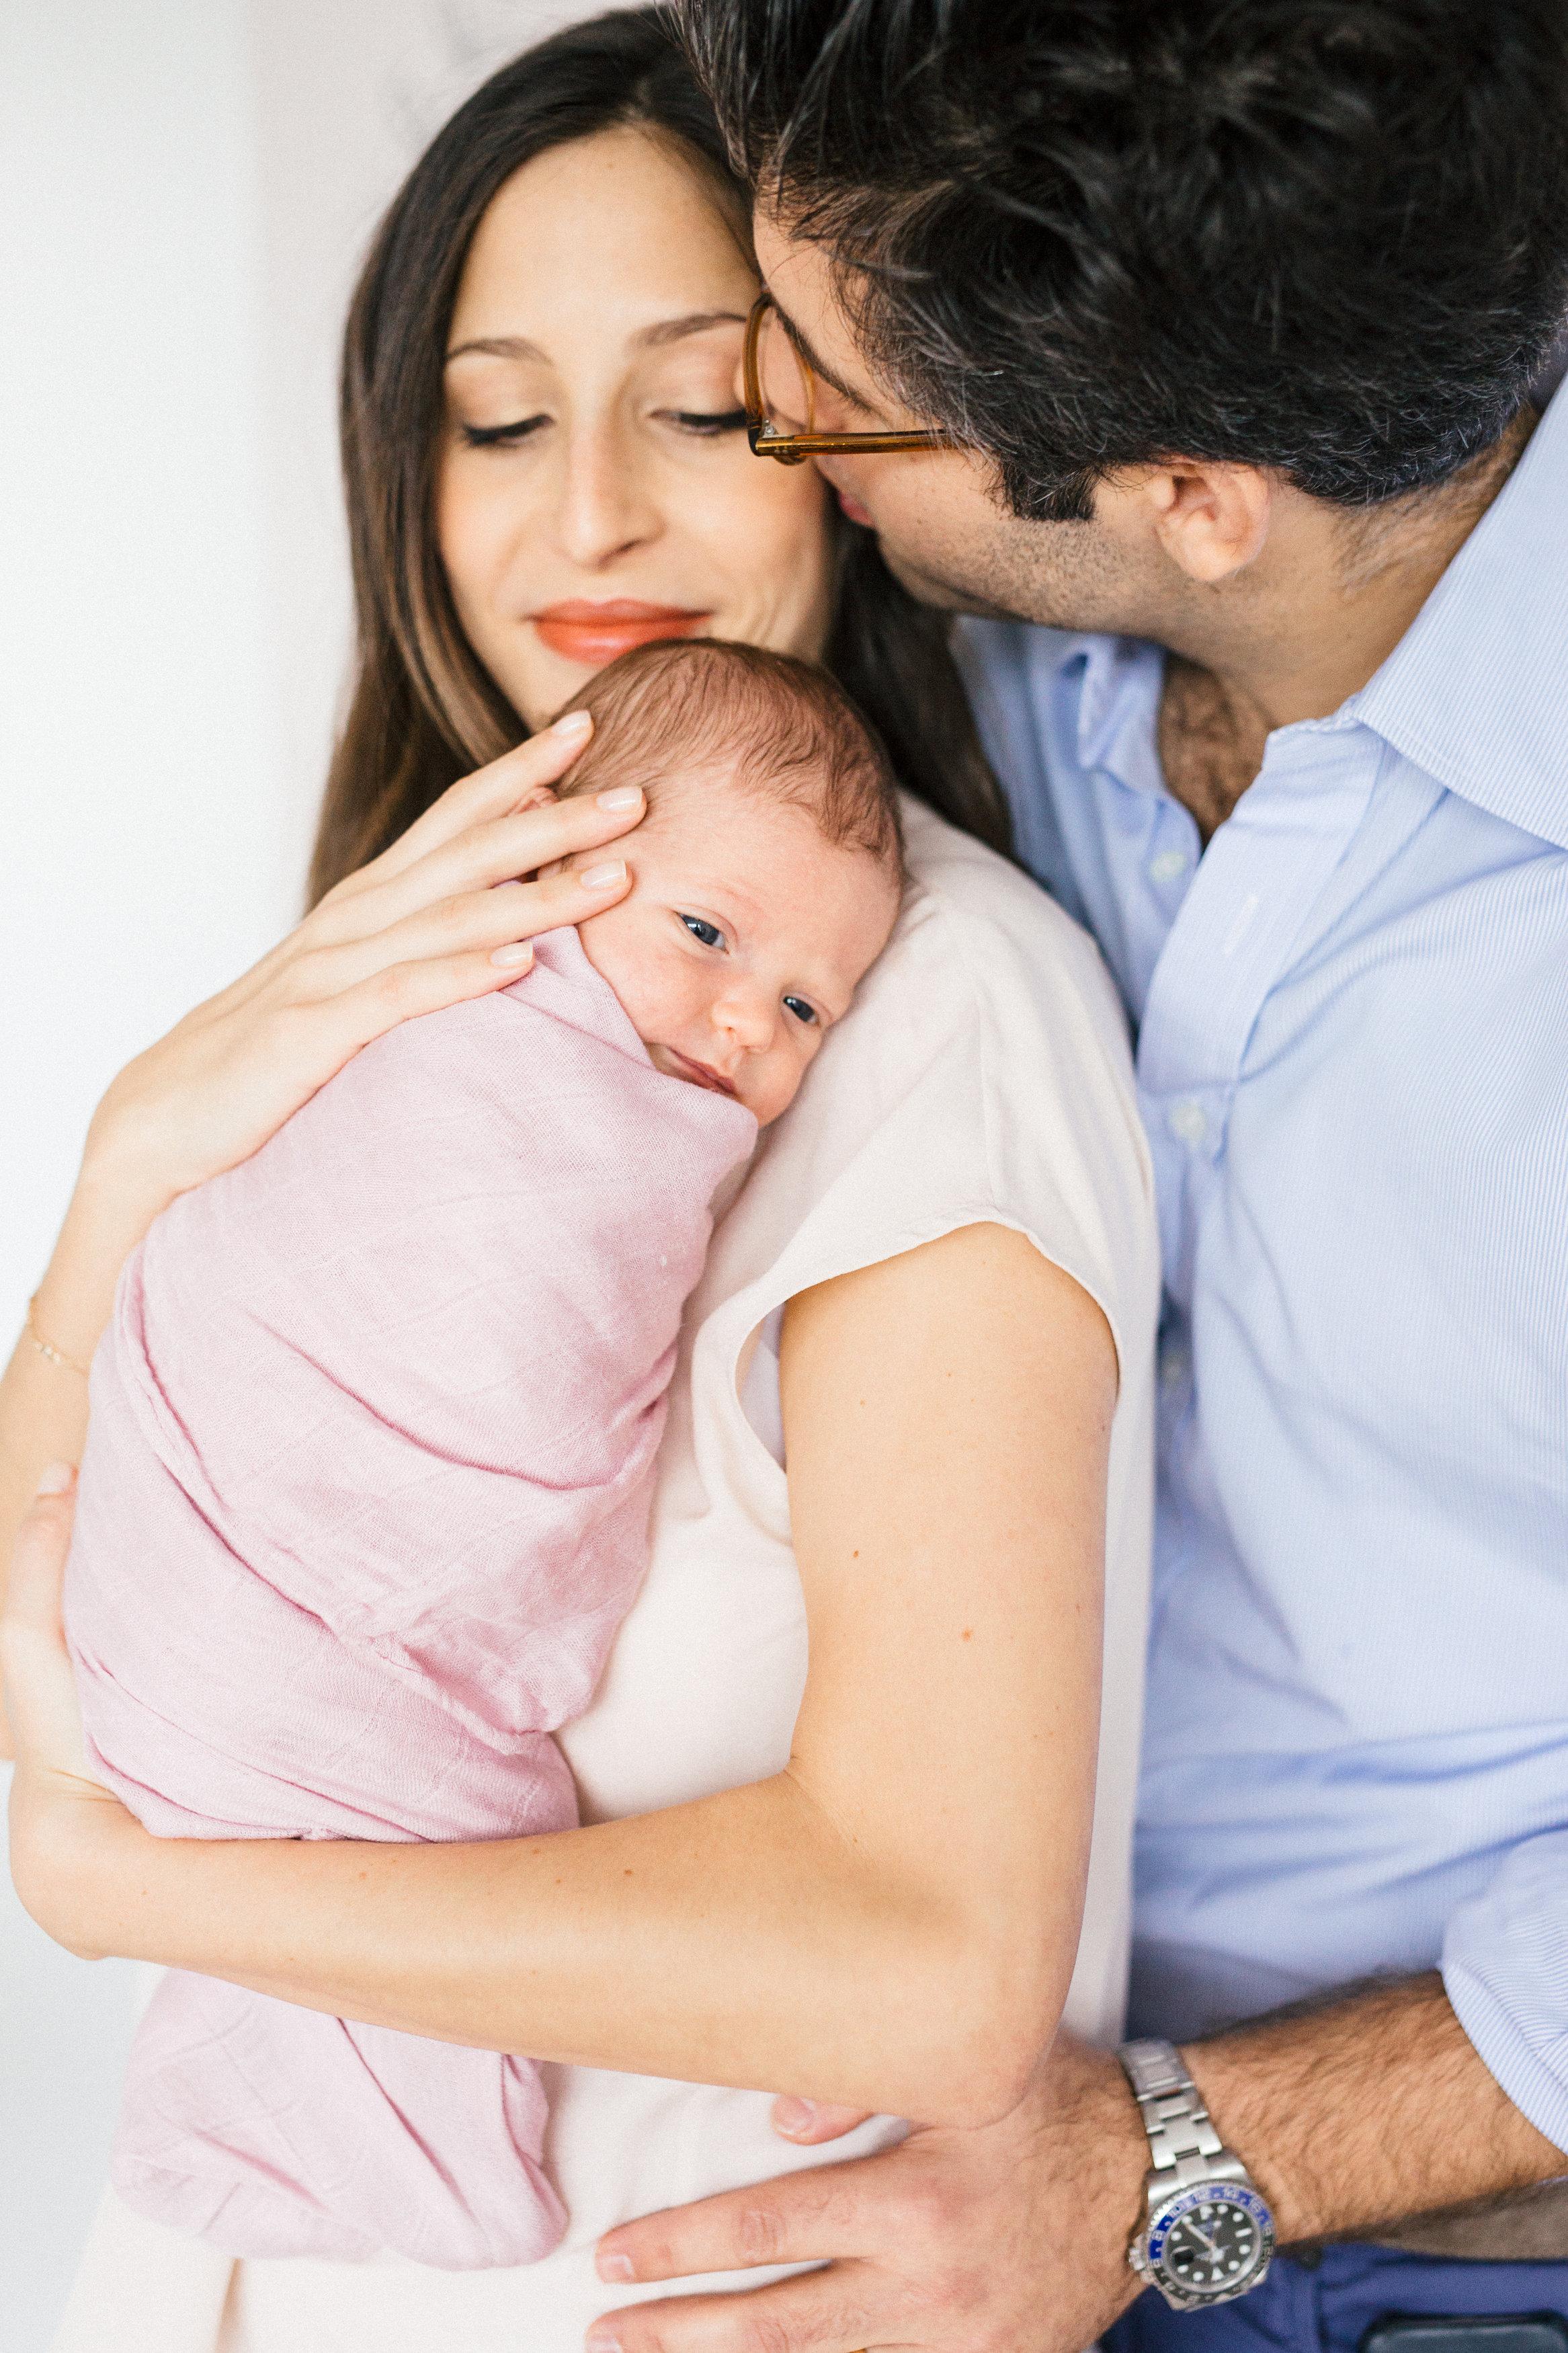 baby-raya_nyc-newborn-photography-10.jpg